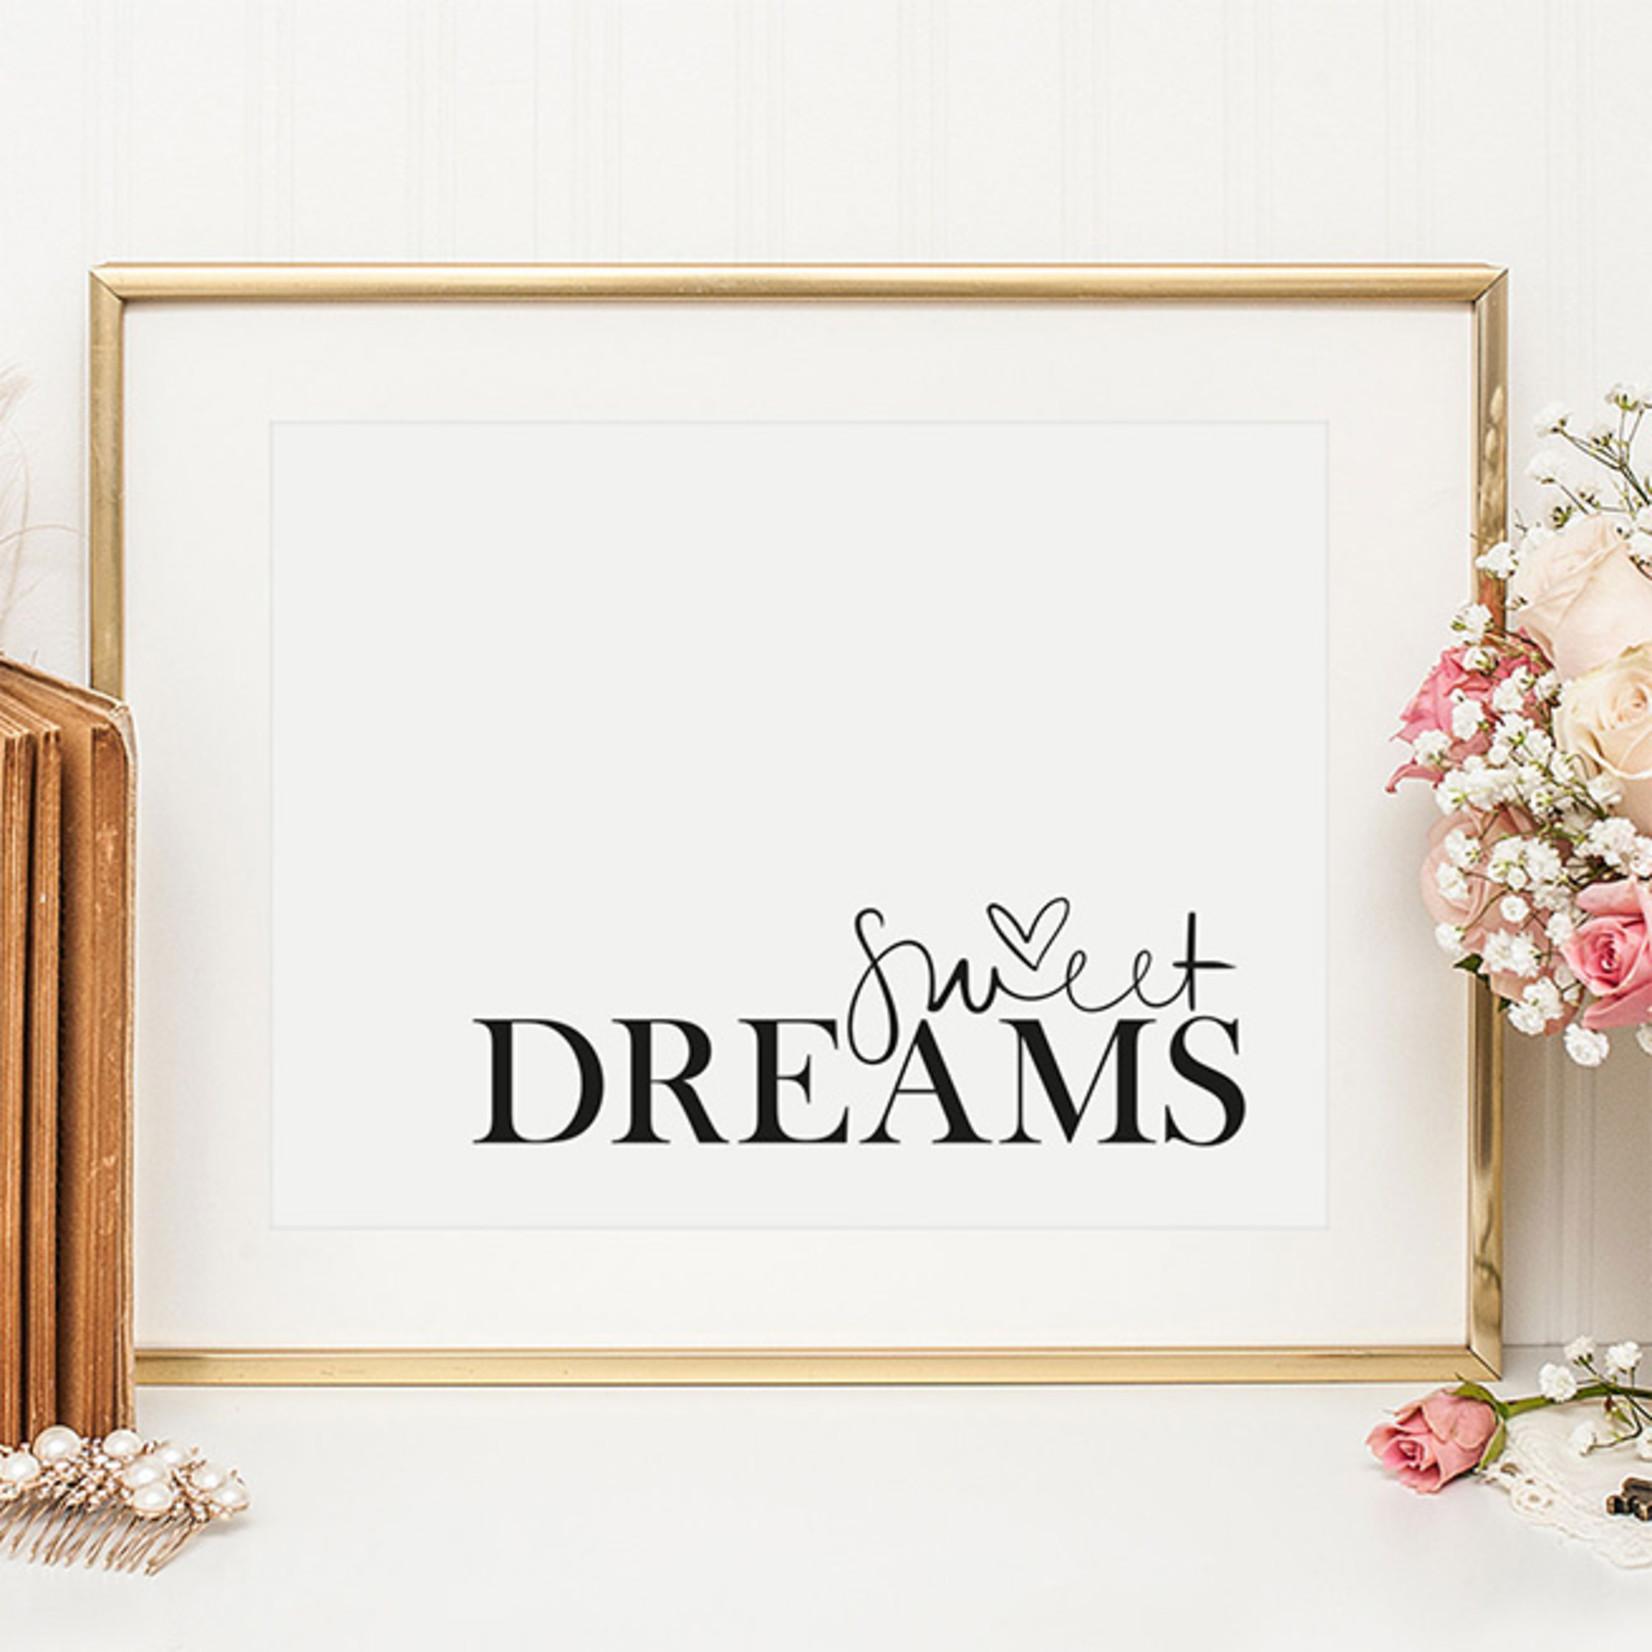 Tales by Jen Poster- Sweet dreams - A4 formaat